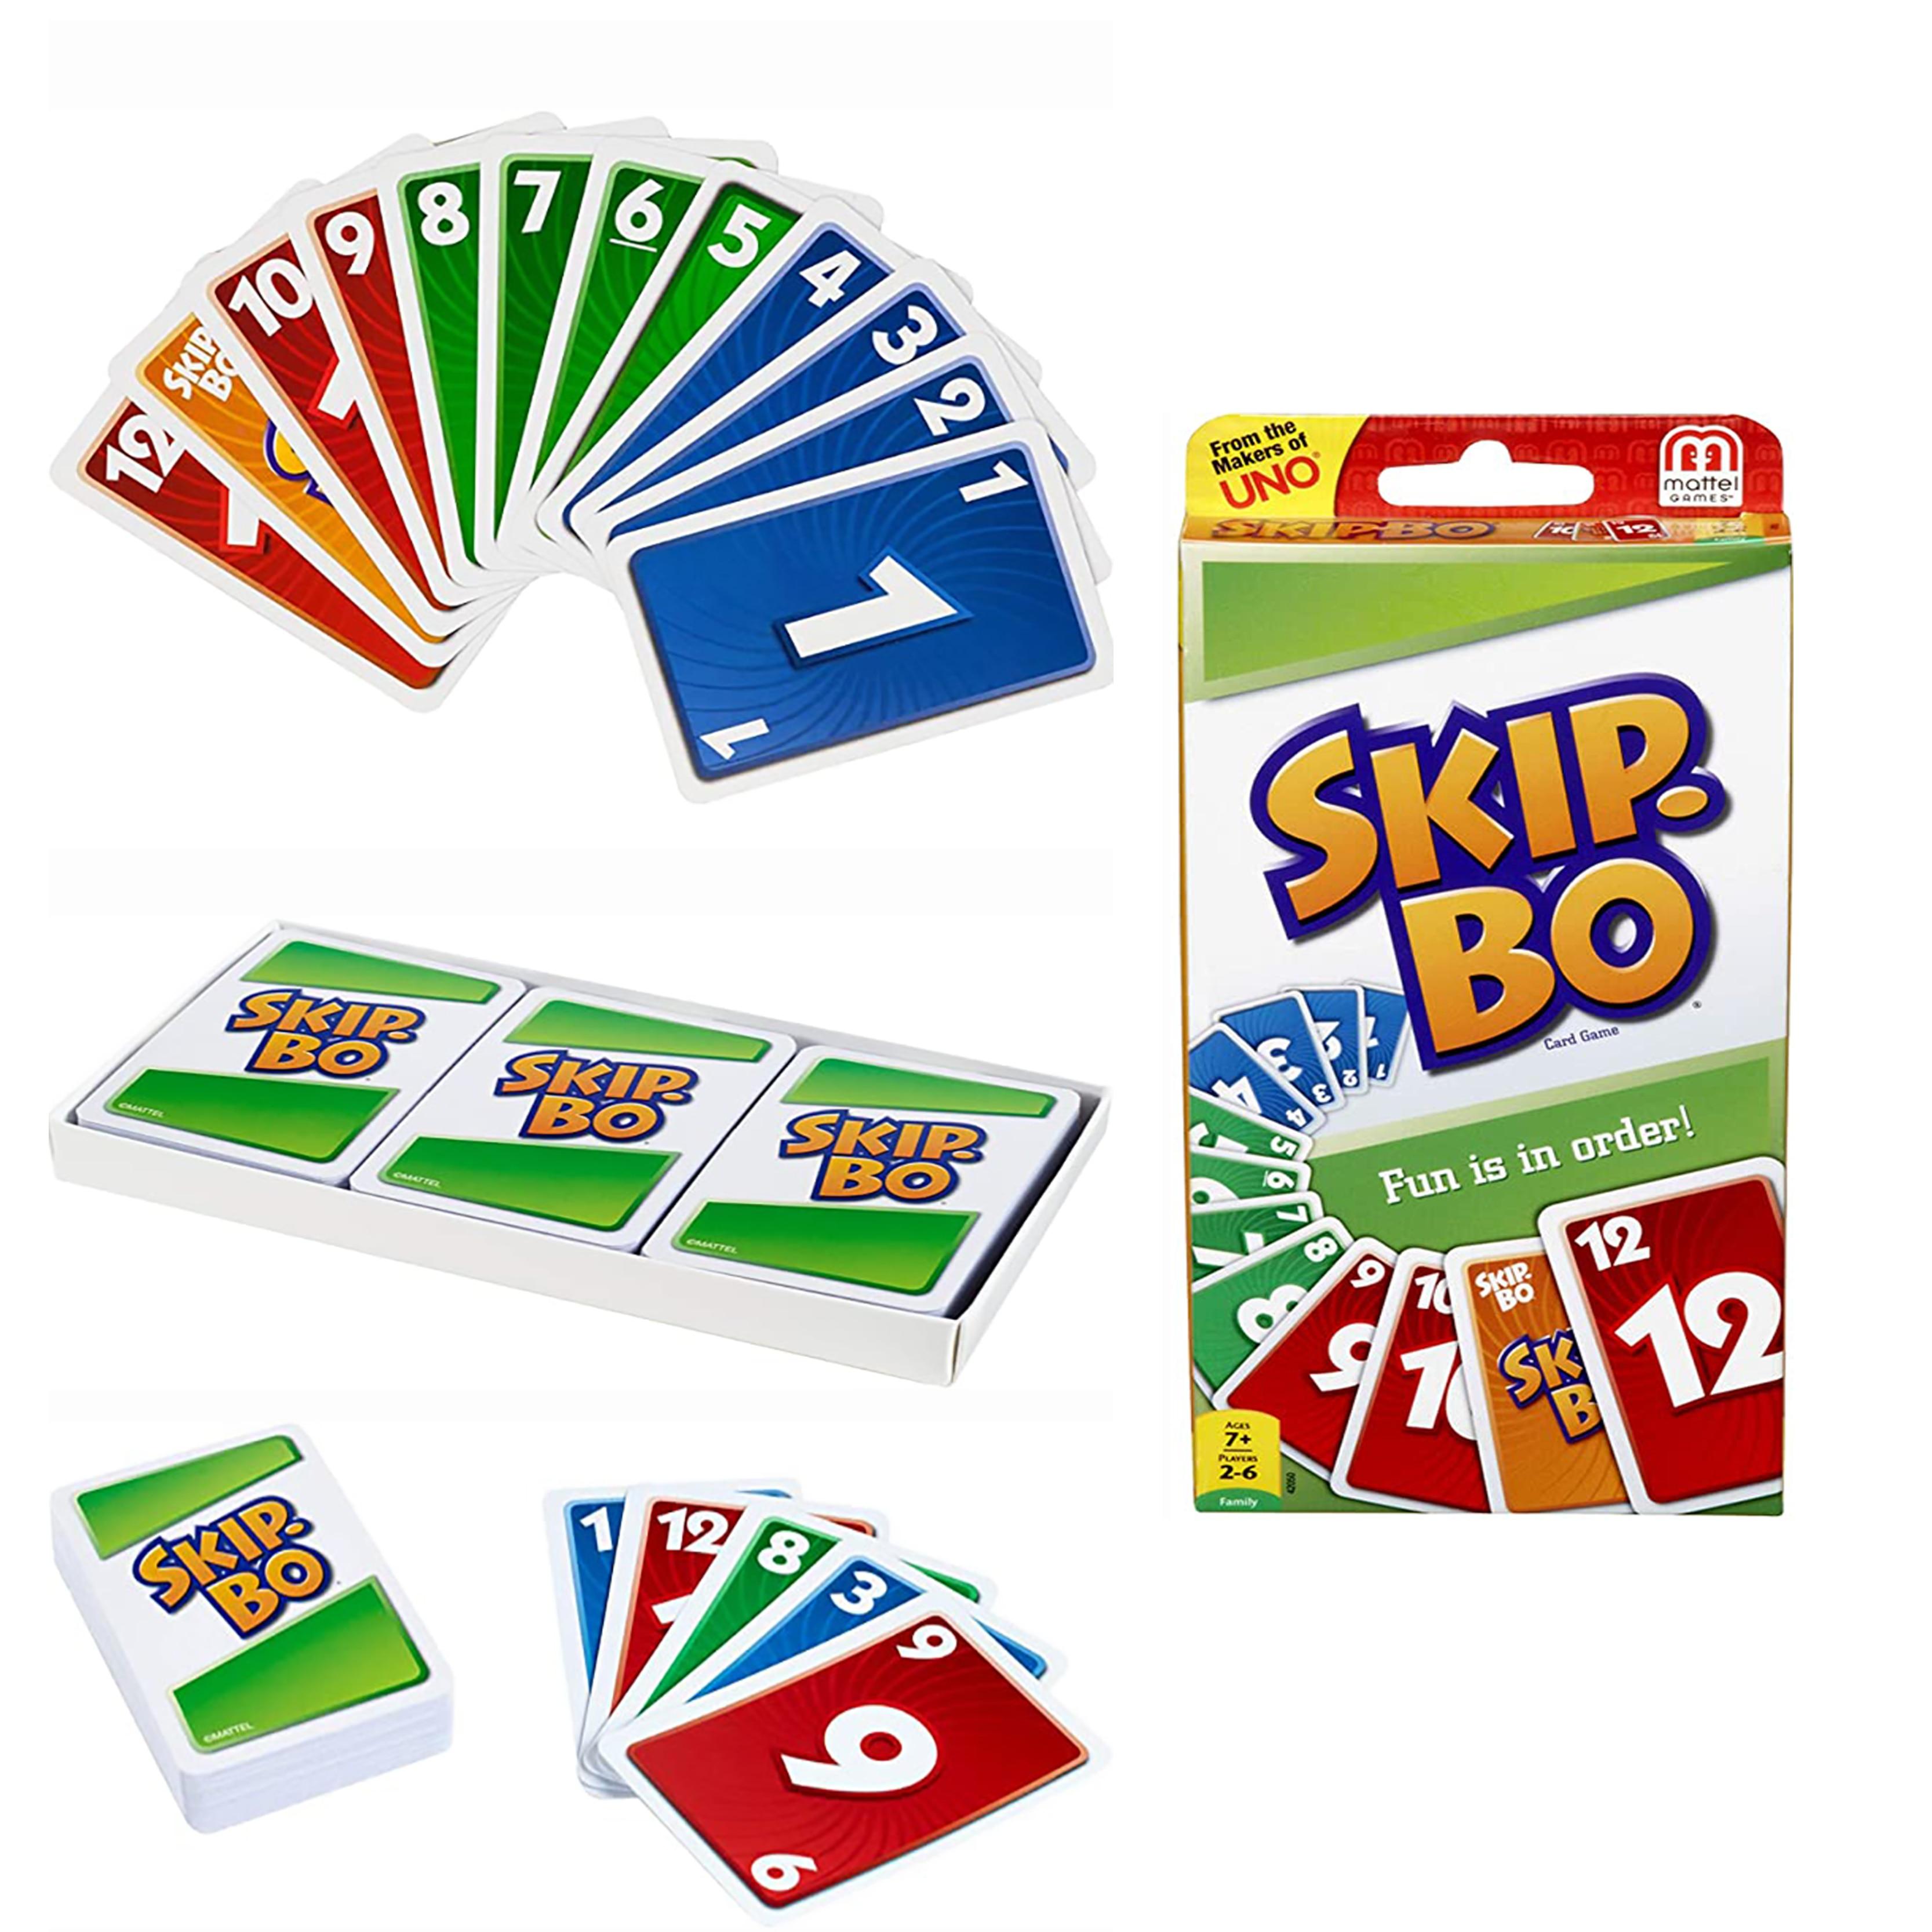 Mattel UNO карты Скип Бо игры семейное развлечение забавная игра в покер вечерние игрушки игральные карты подарок Карточные игры      АлиЭкспресс